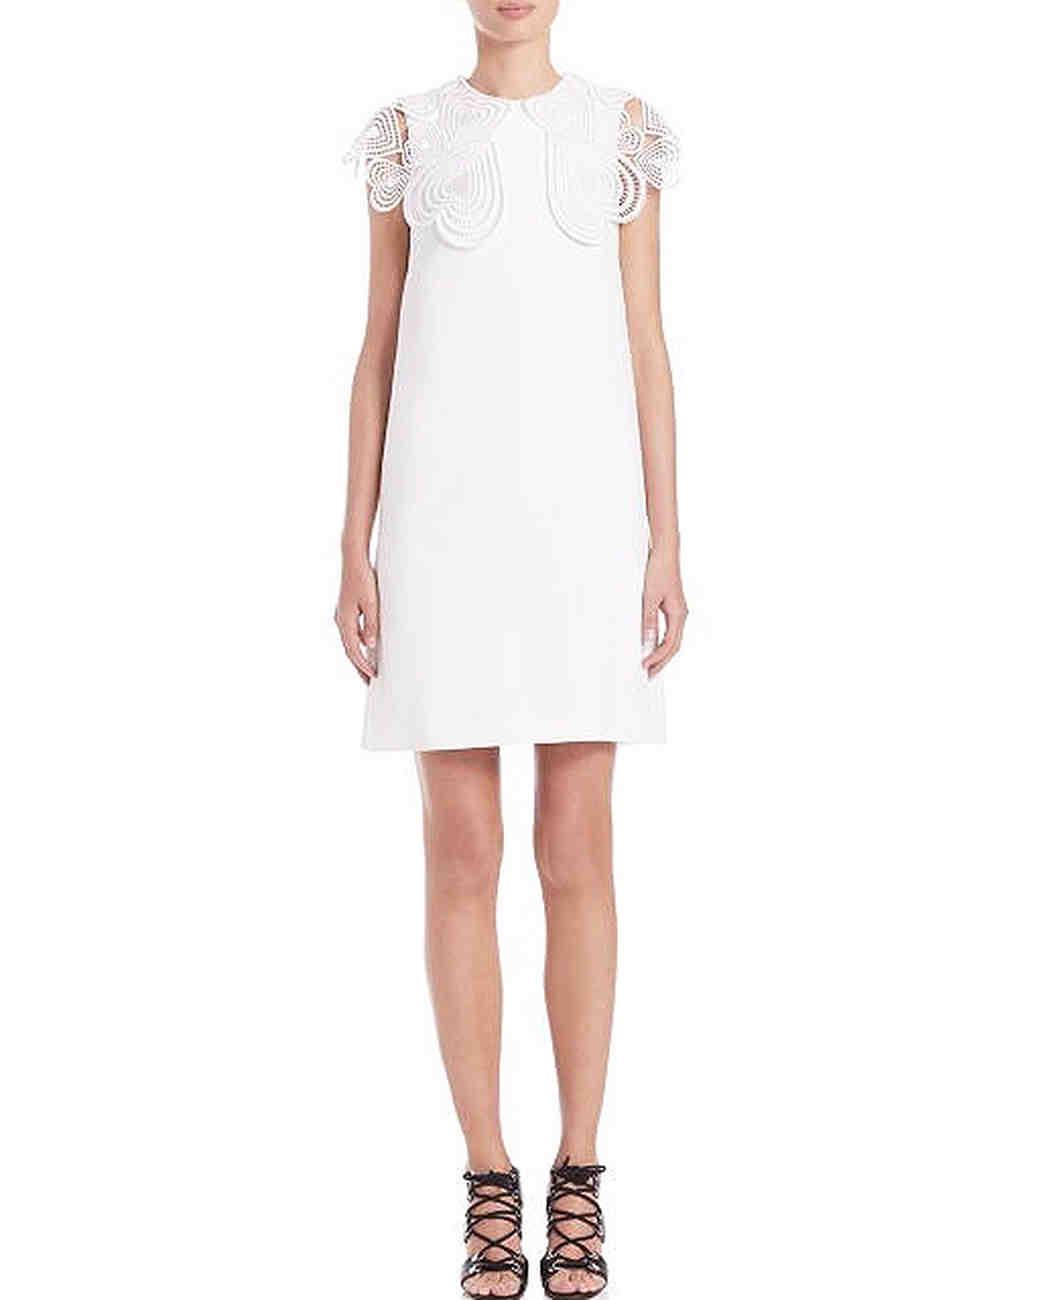 bridal-shower-dress-christopher-kane-shift-dress-0416.jpg